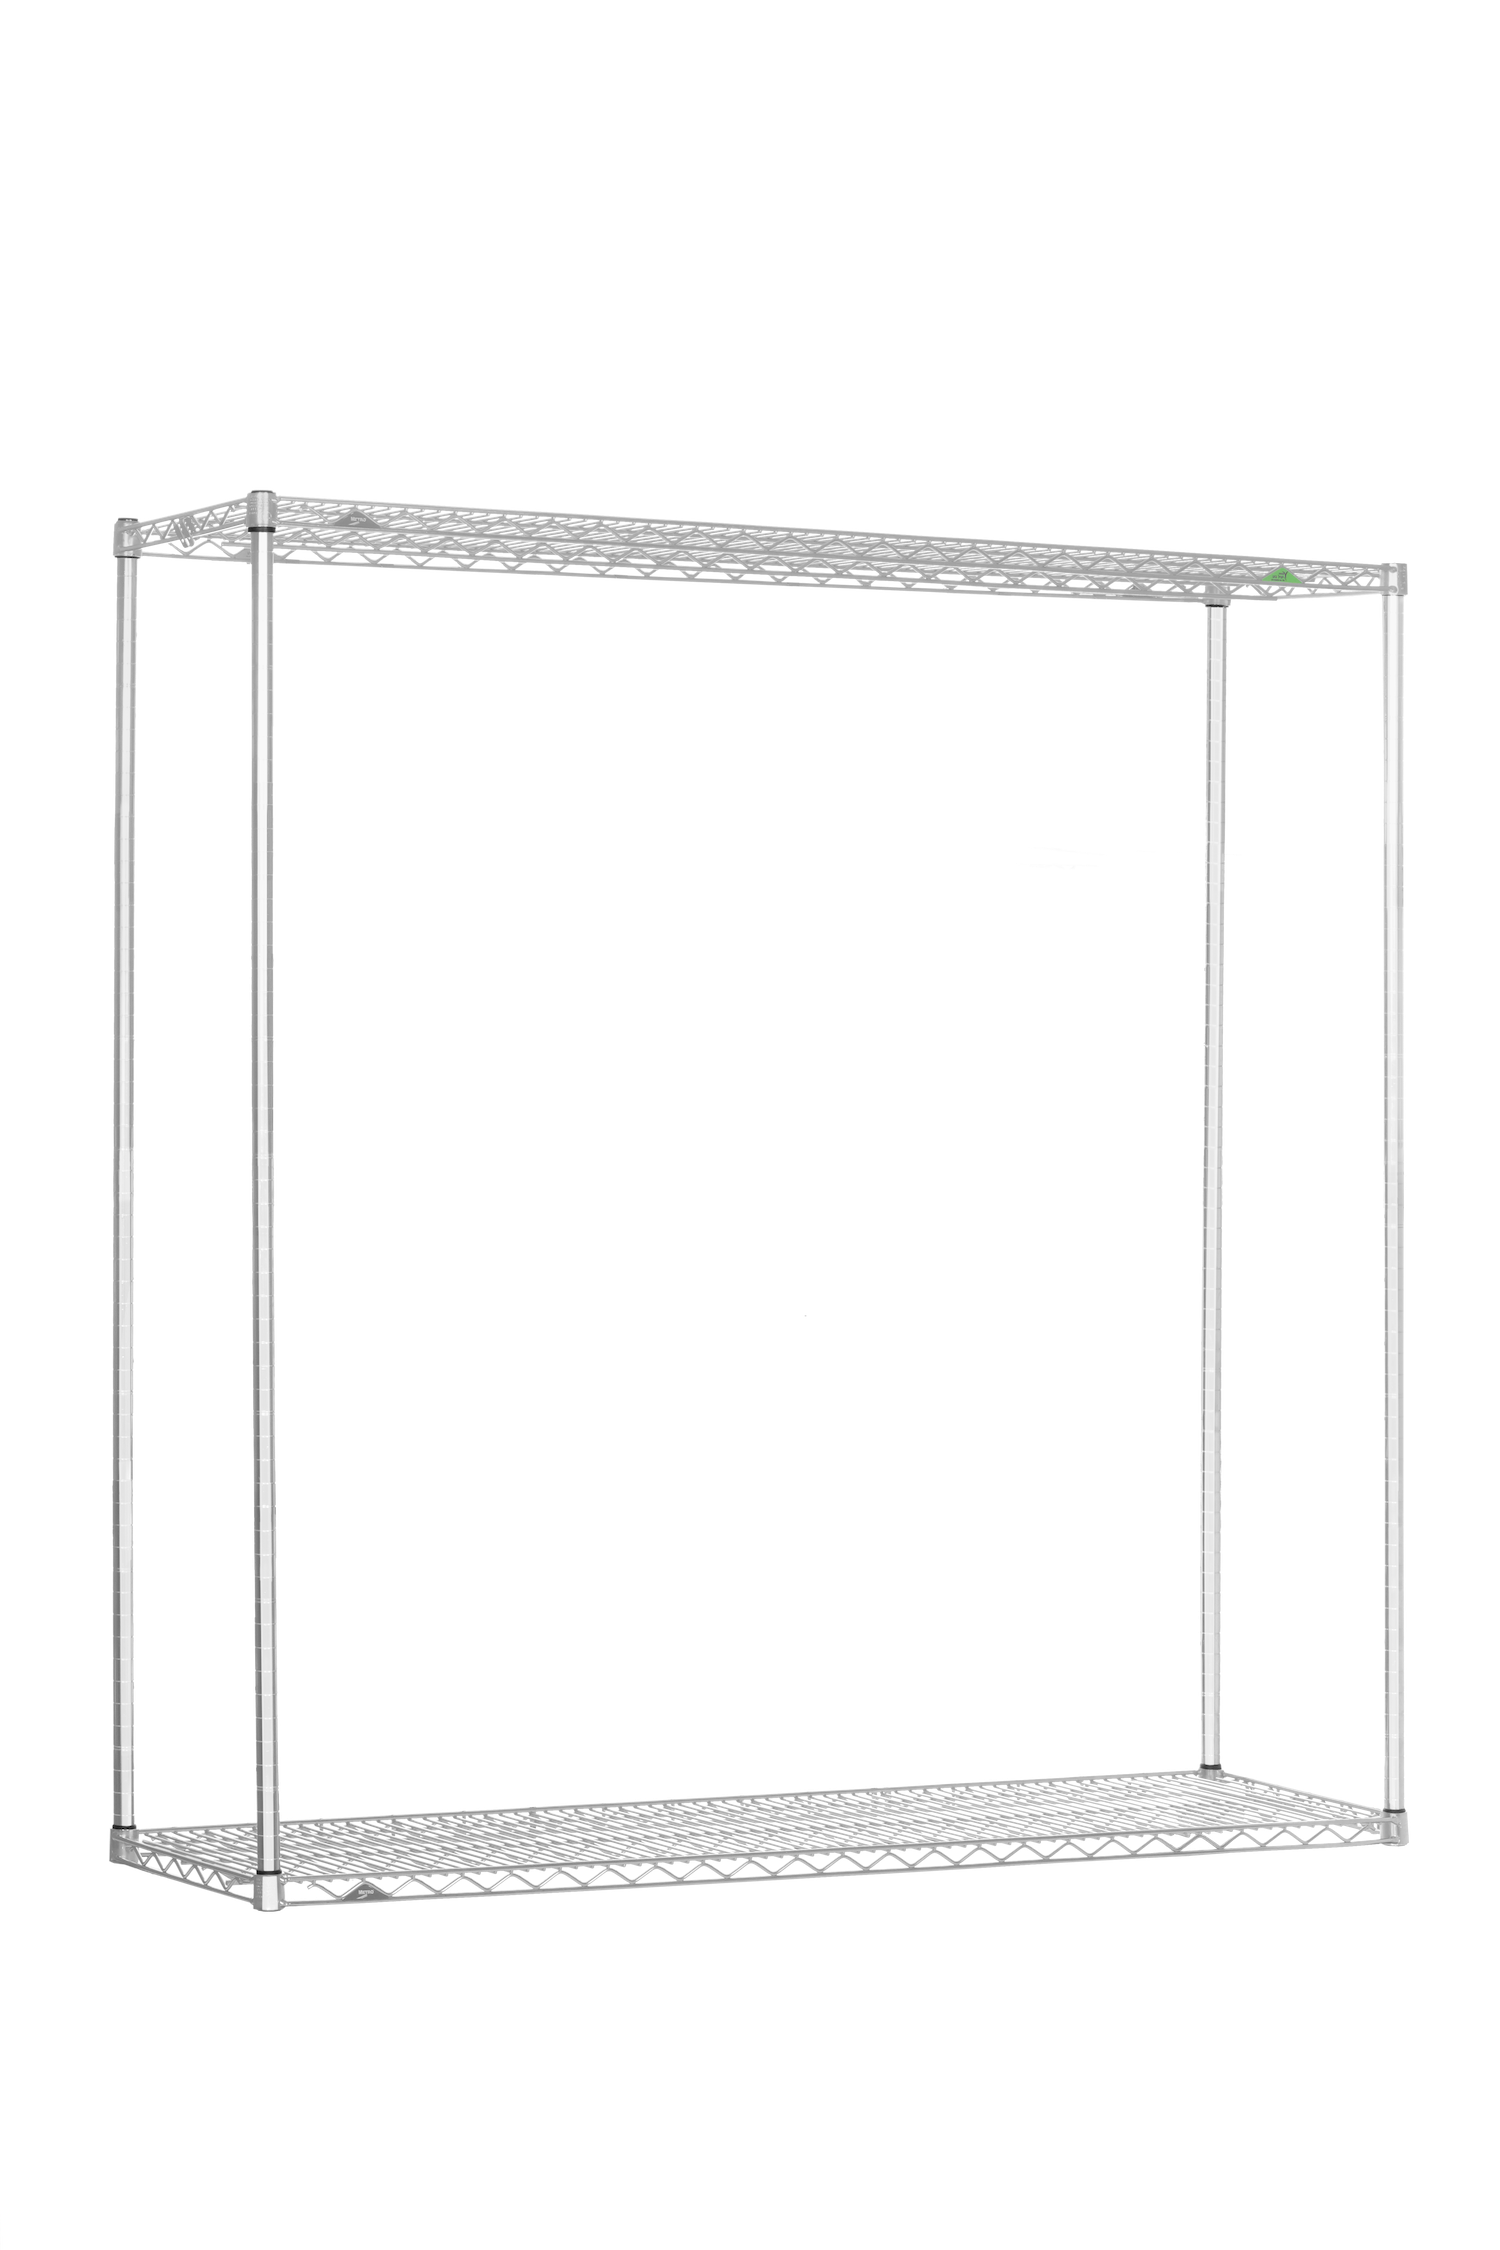 457x1370mm, 18x54 inch